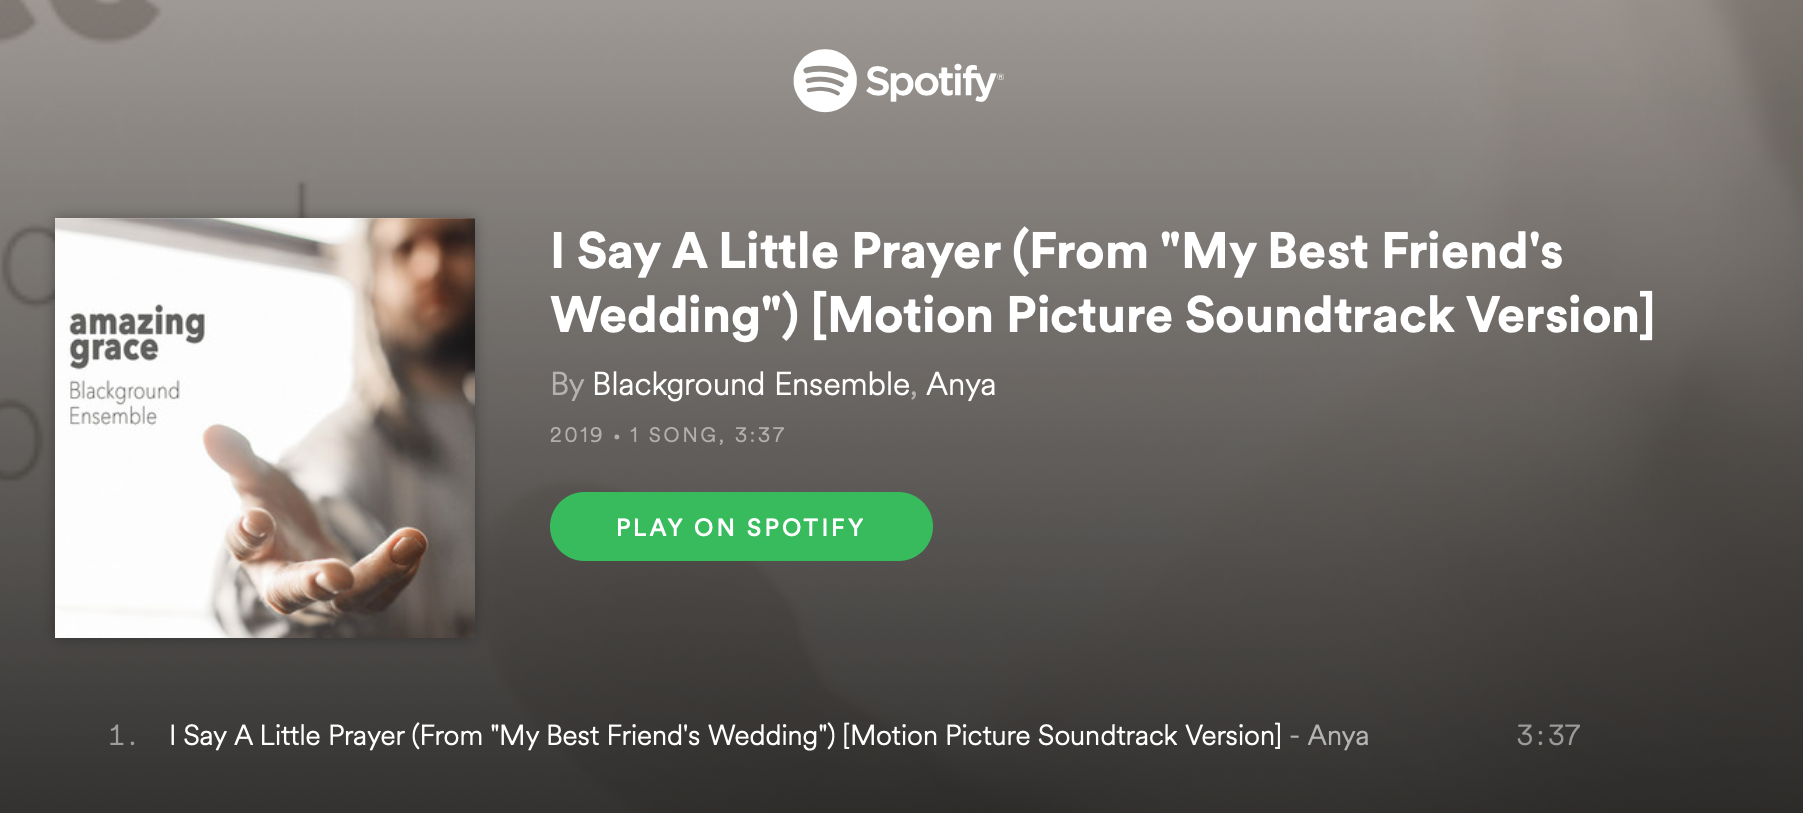 Pin On Spotify Youtube Beautiful Emotional Music